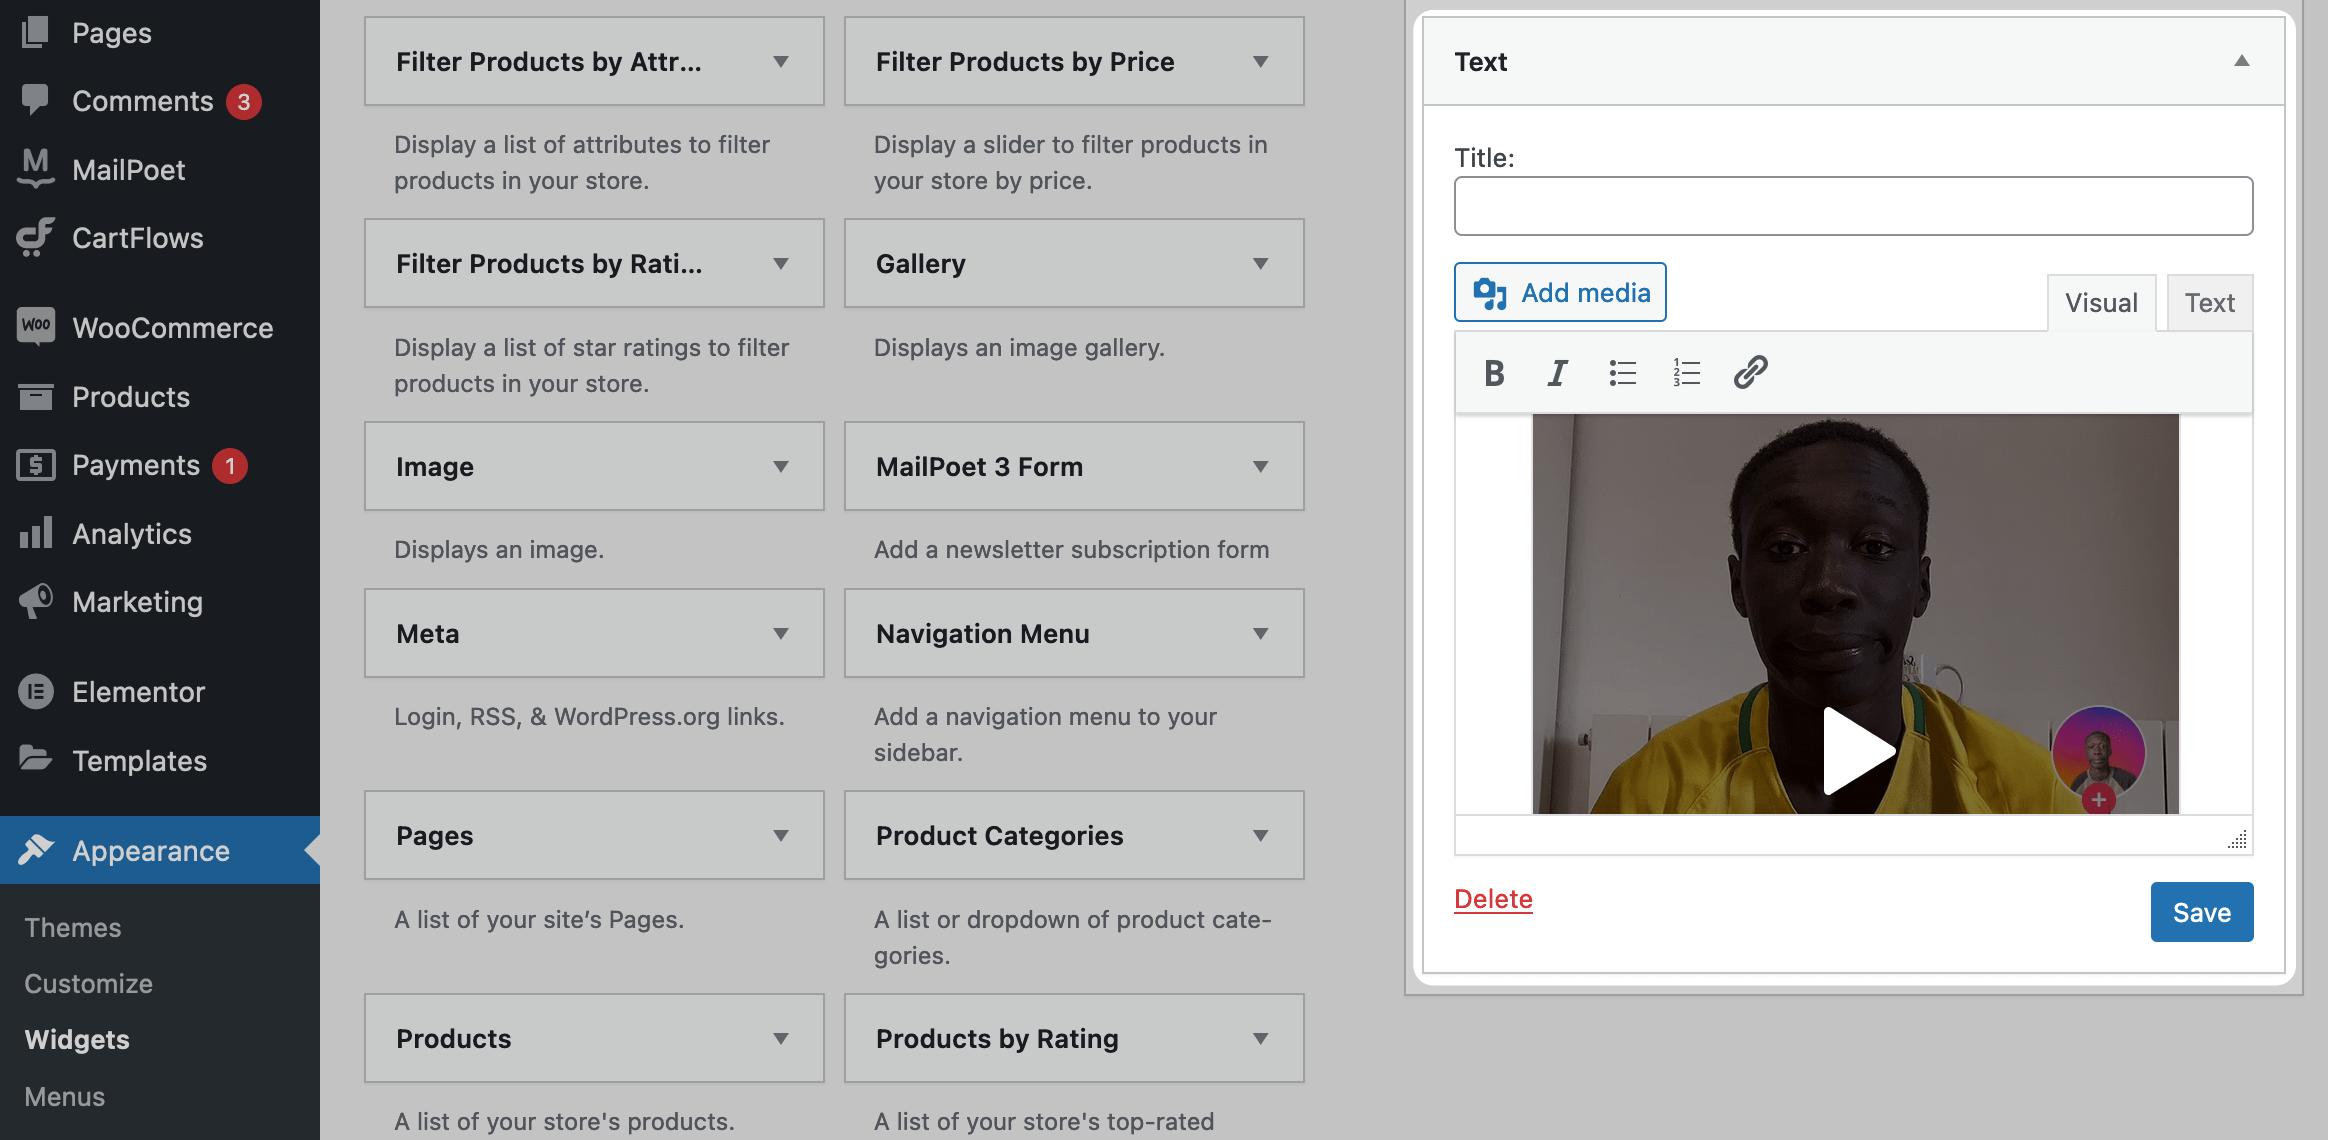 Cómo ver publicaciones de TikTok en su sitio de WordPress - 1631889298 51 Como ver publicaciones de TikTok en su sitio de WordPress